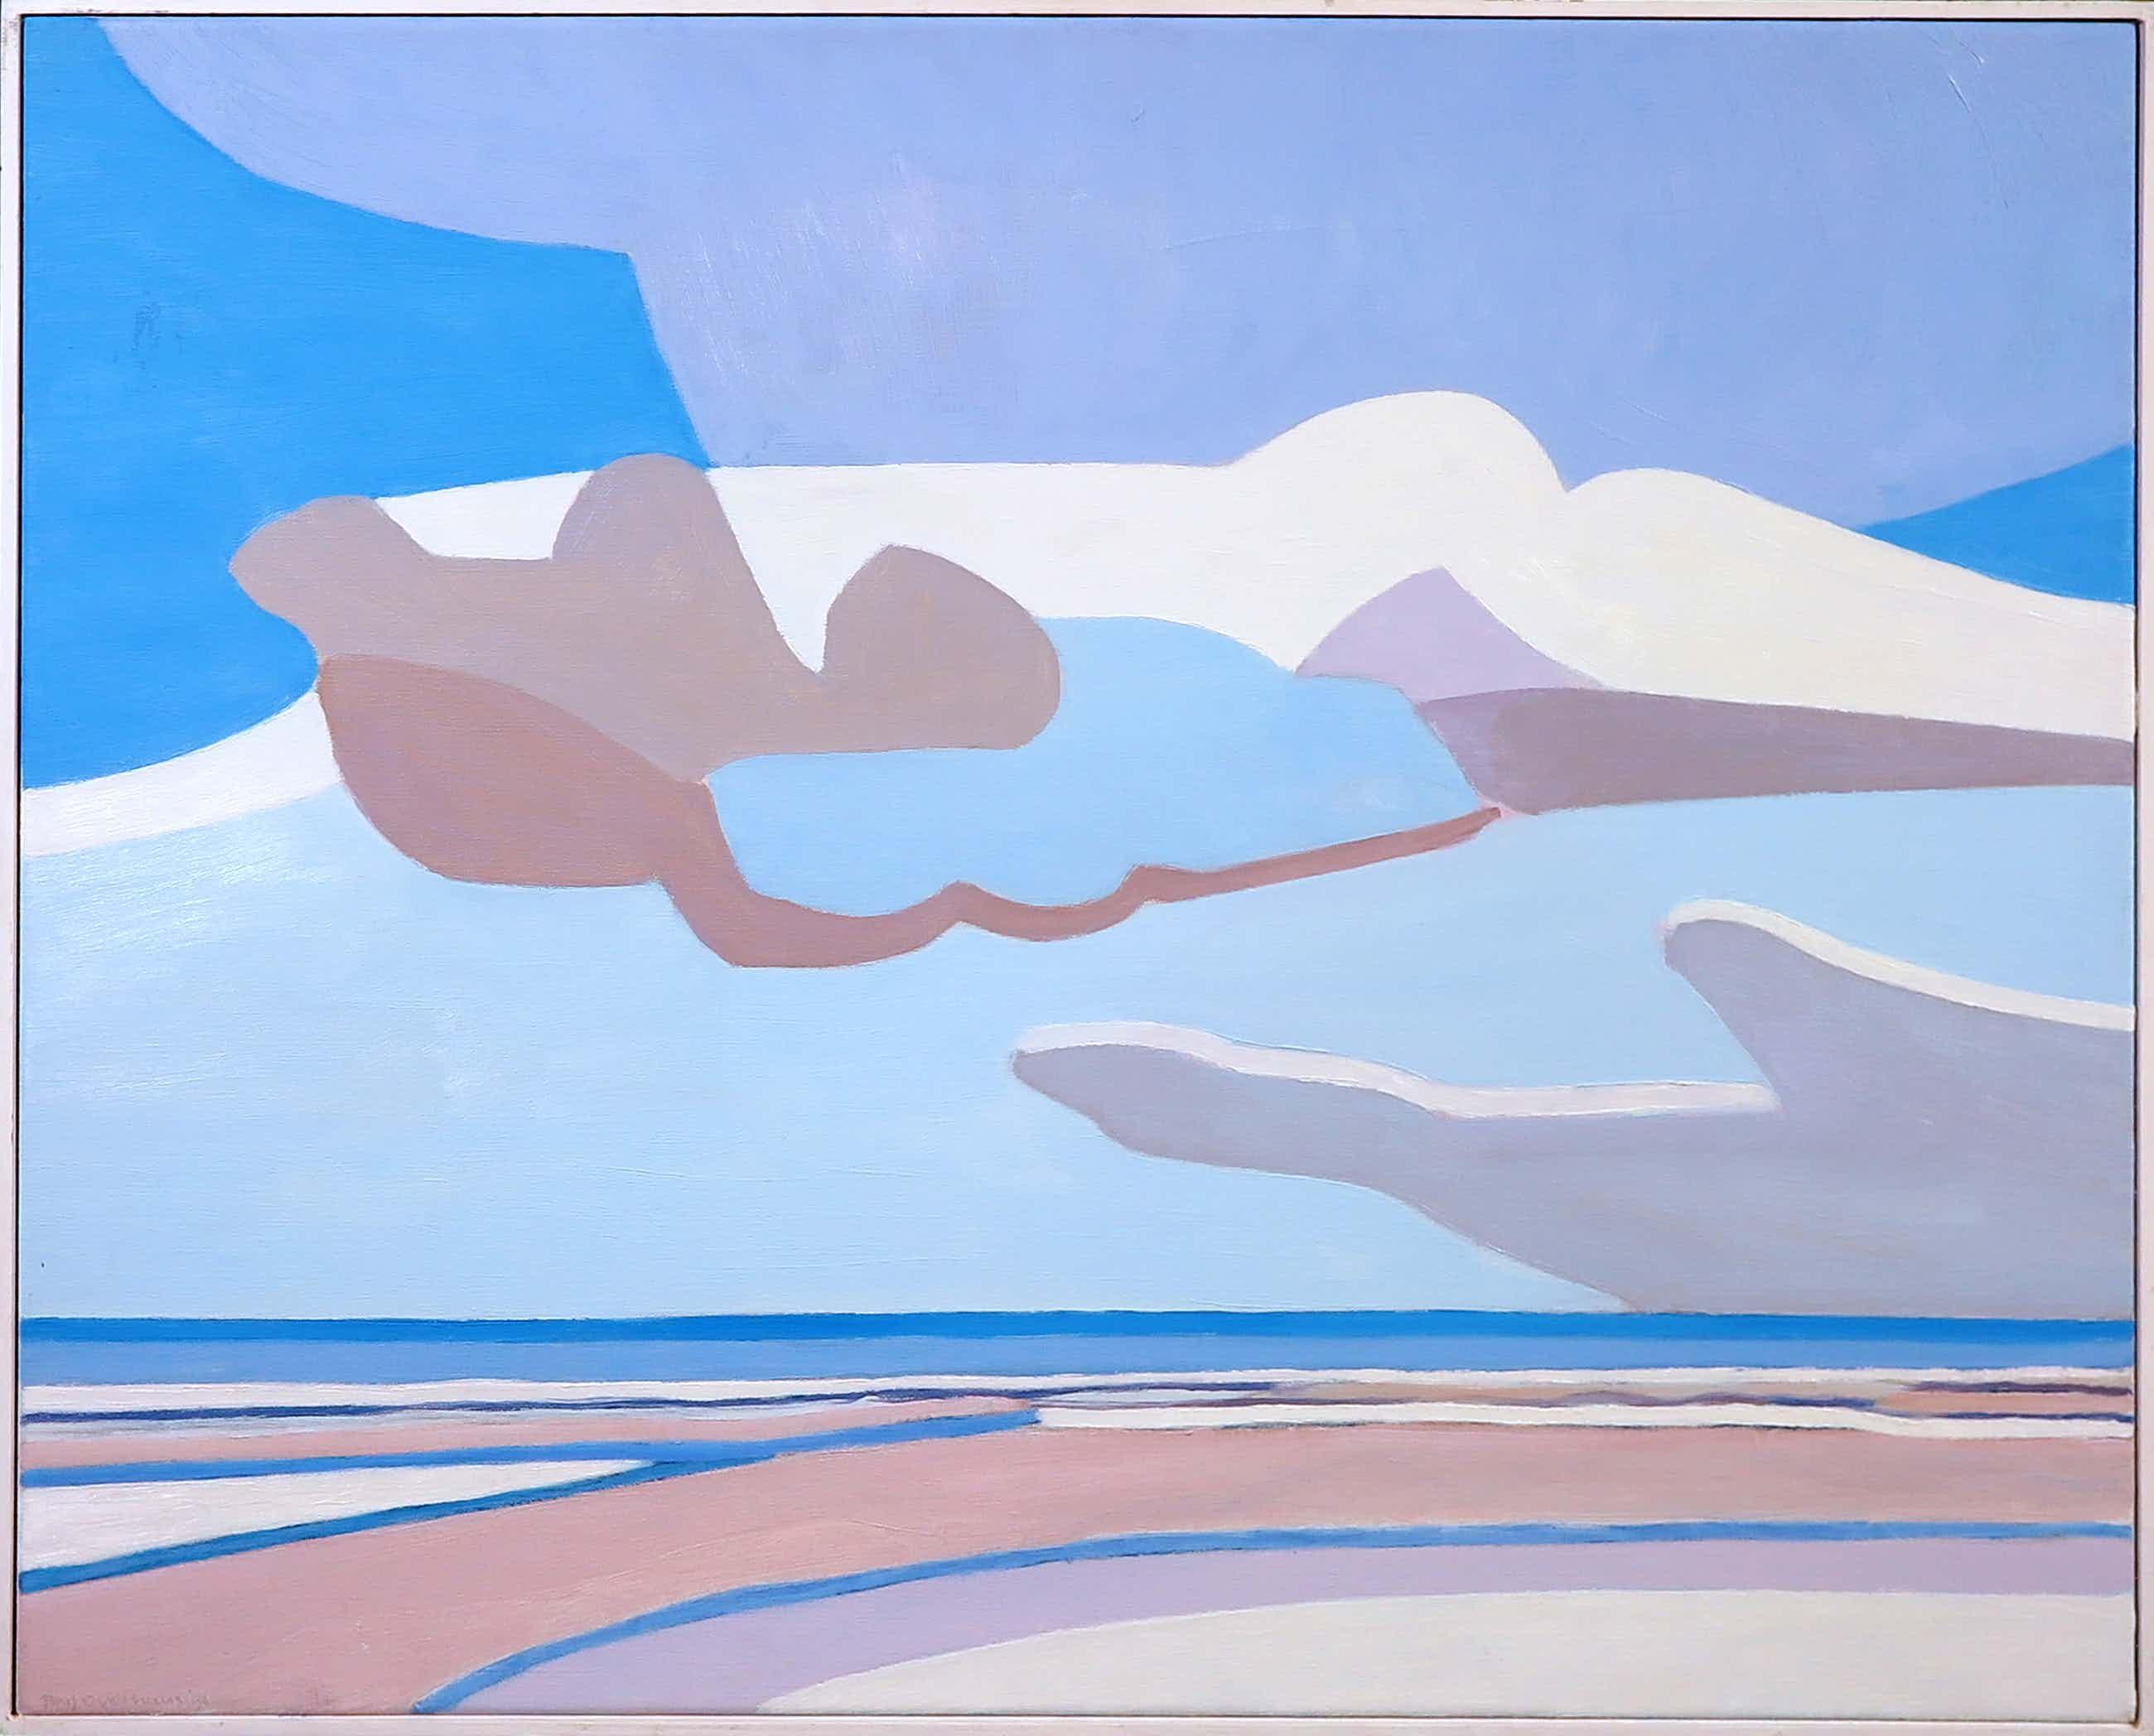 Paul Overhaus - Acryl op doek, Blauwe lucht met wolken - Ingelijst kopen? Bied vanaf 160!